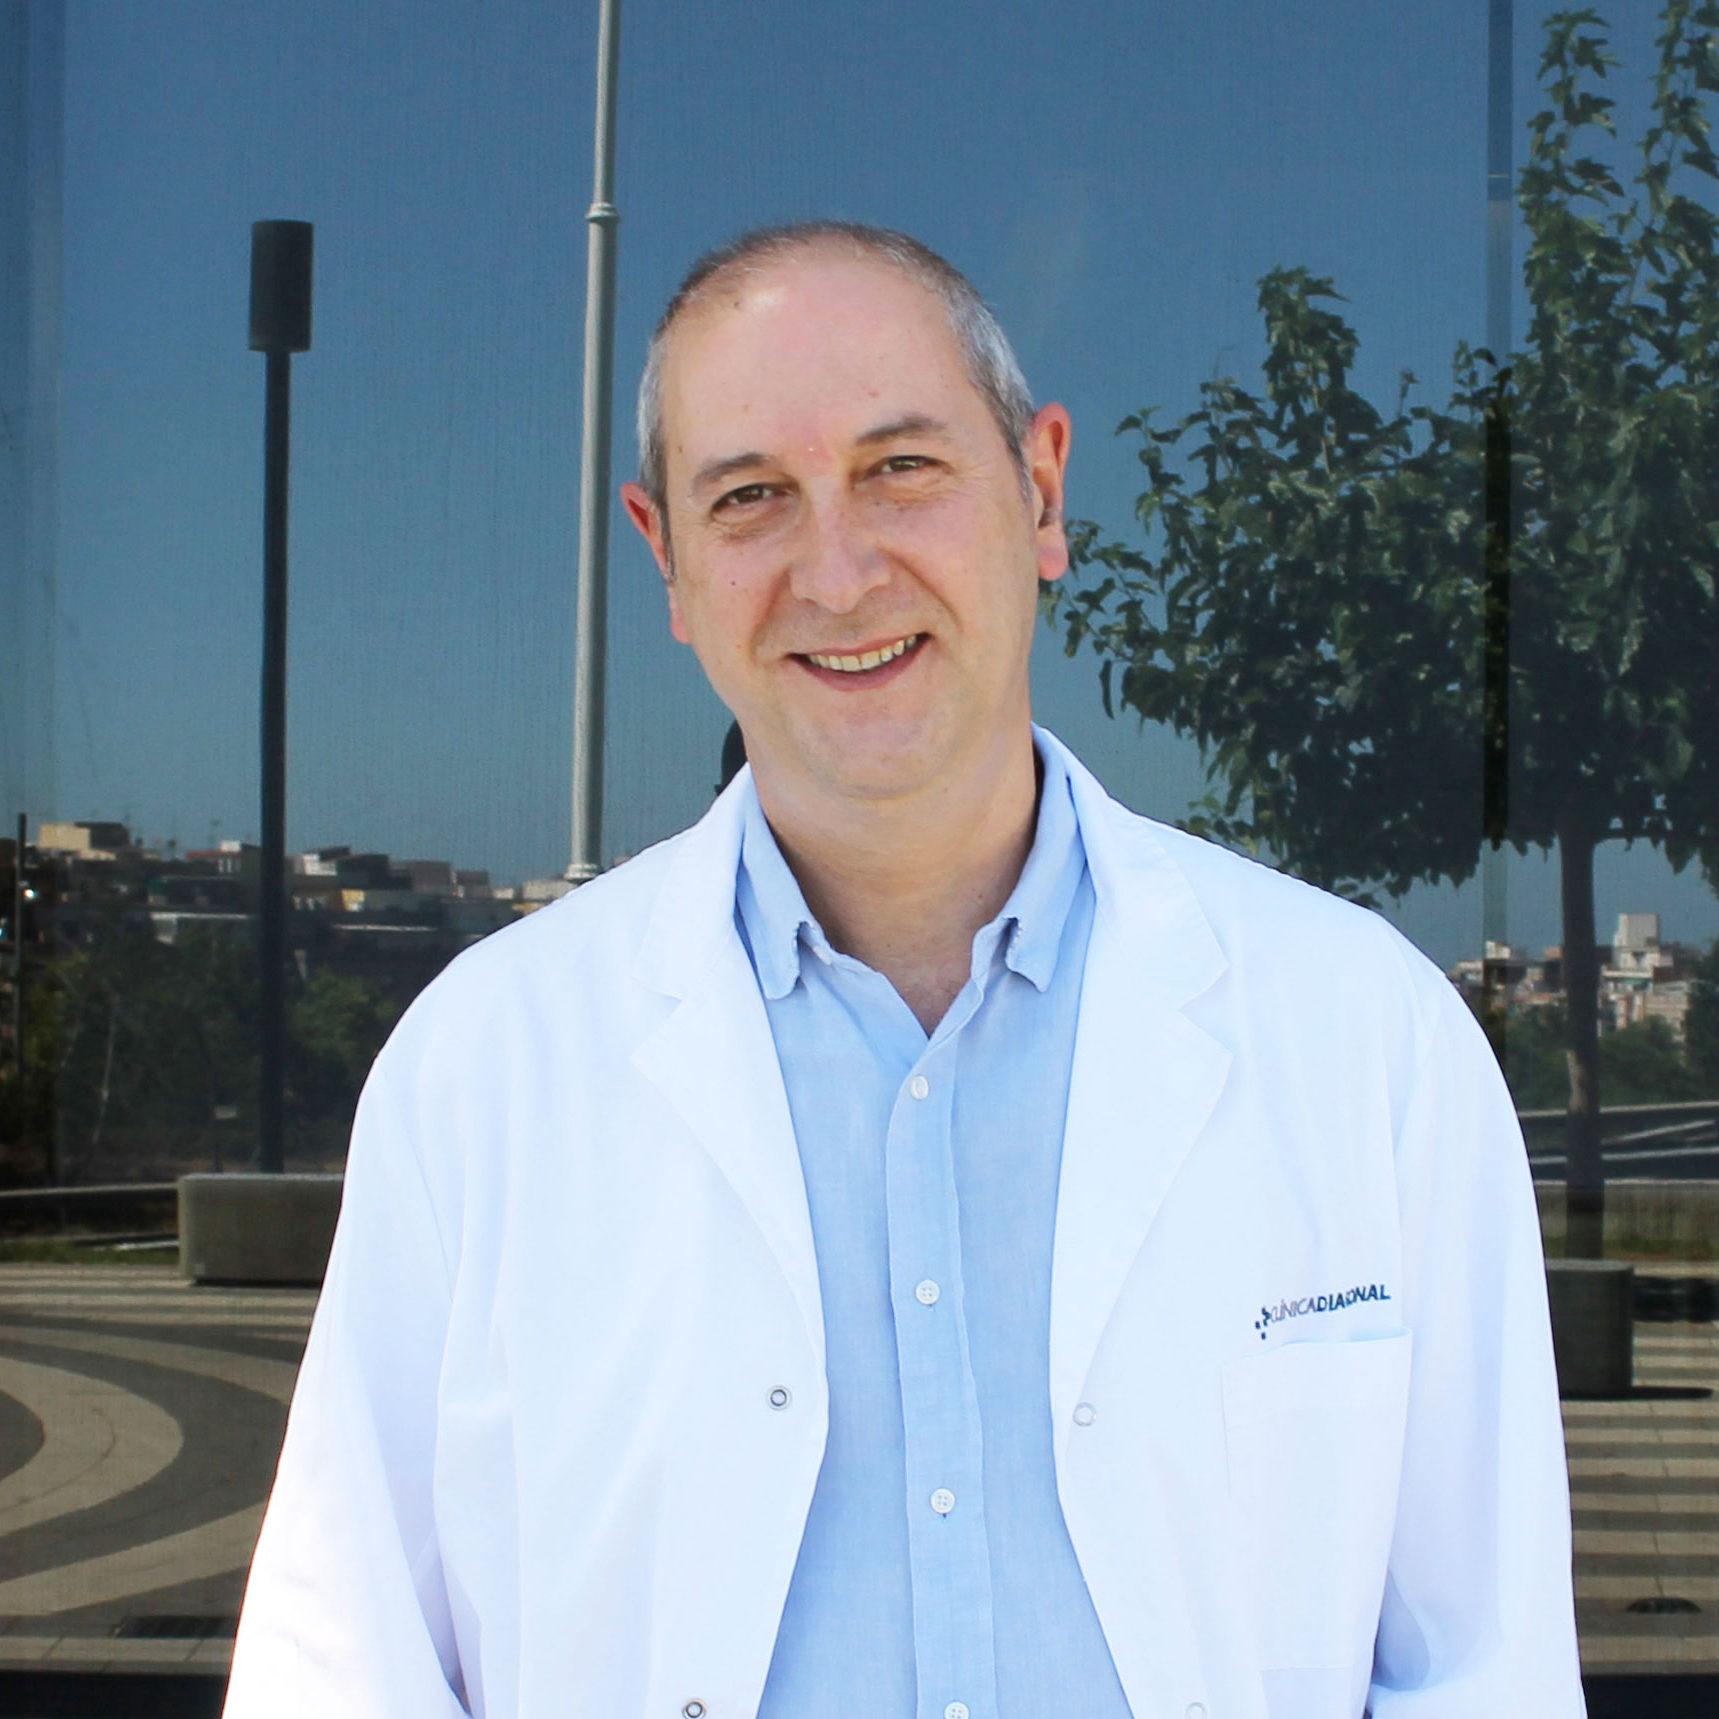 Endoscopista del equipo para el tratamiento integral de la obesidad